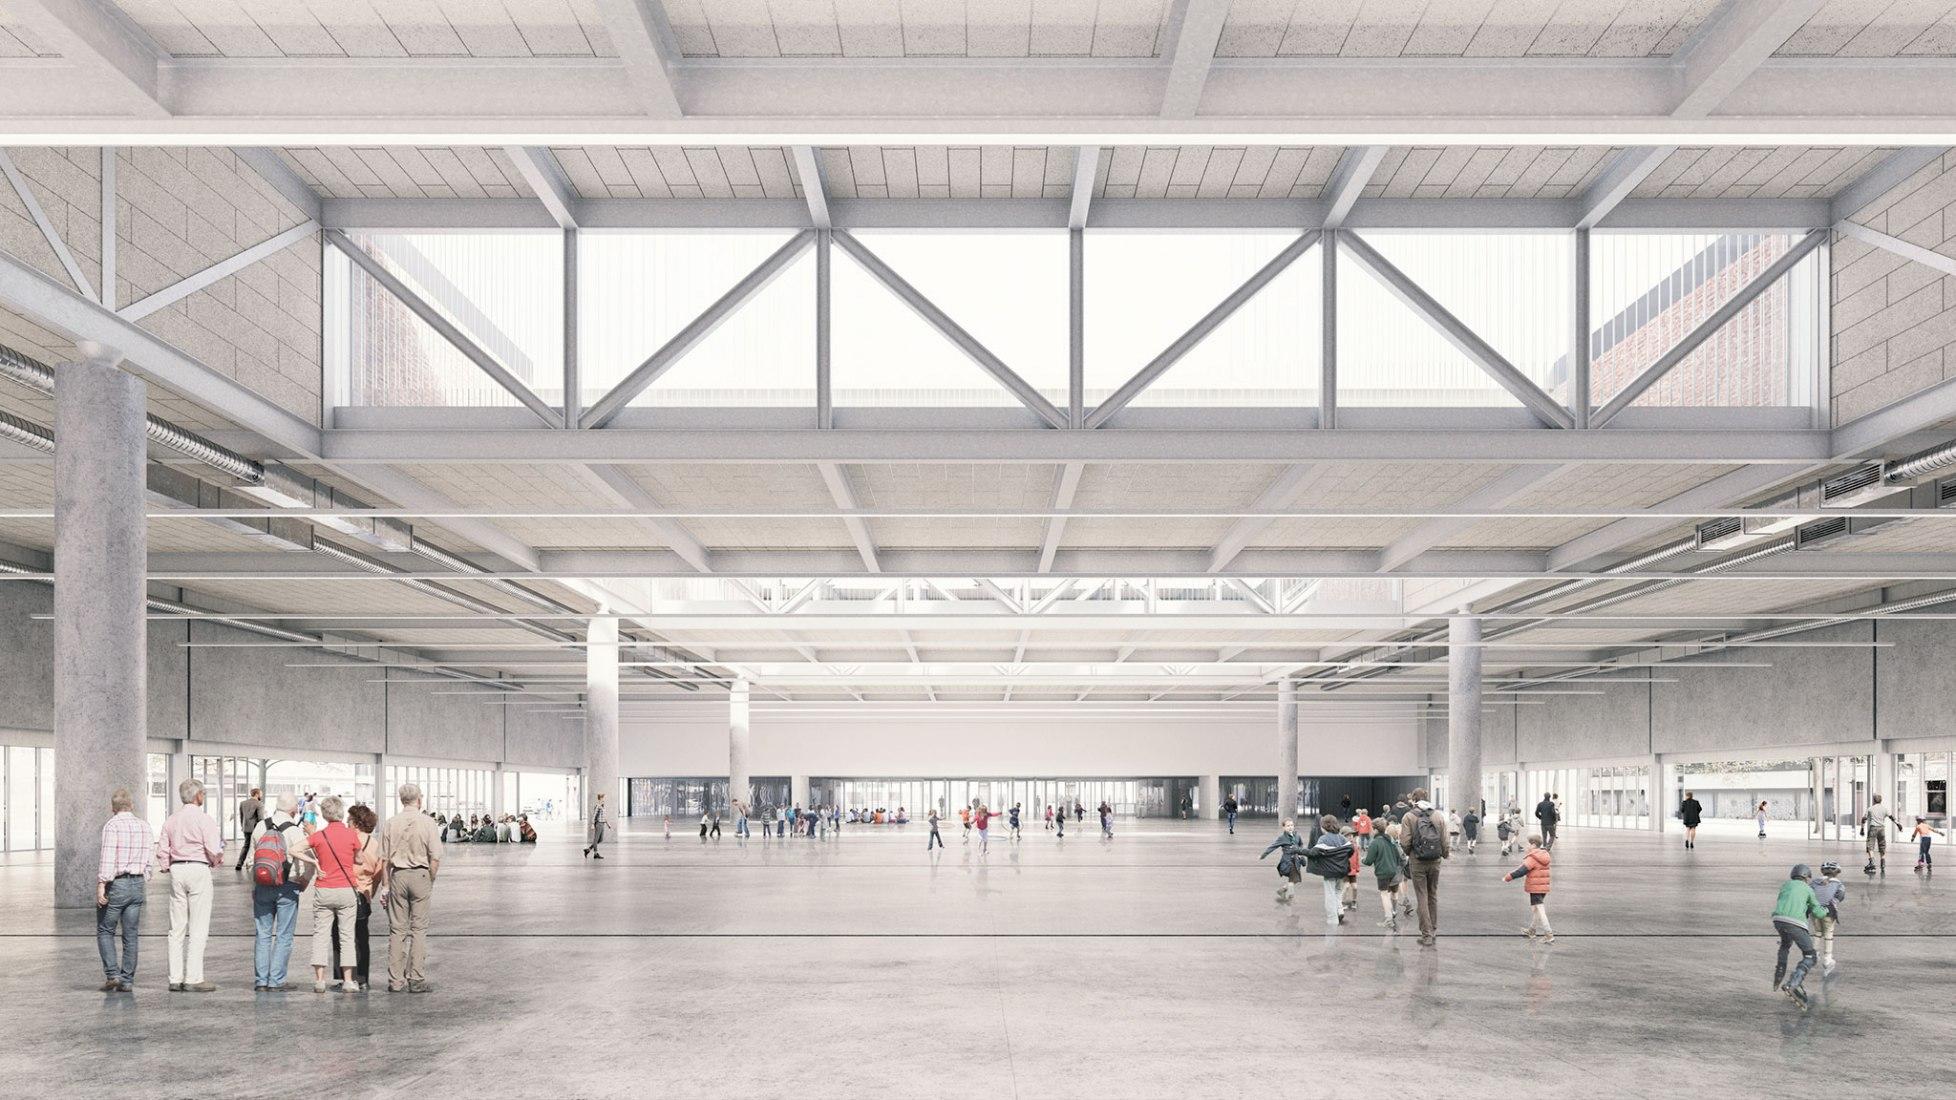 Vista interior. Nuevo Beursplein & Congresgebouw Brugge por Eduardo Souto de Moura en colaboración con Meta Architectuurbureau. Imagen © infunctievan